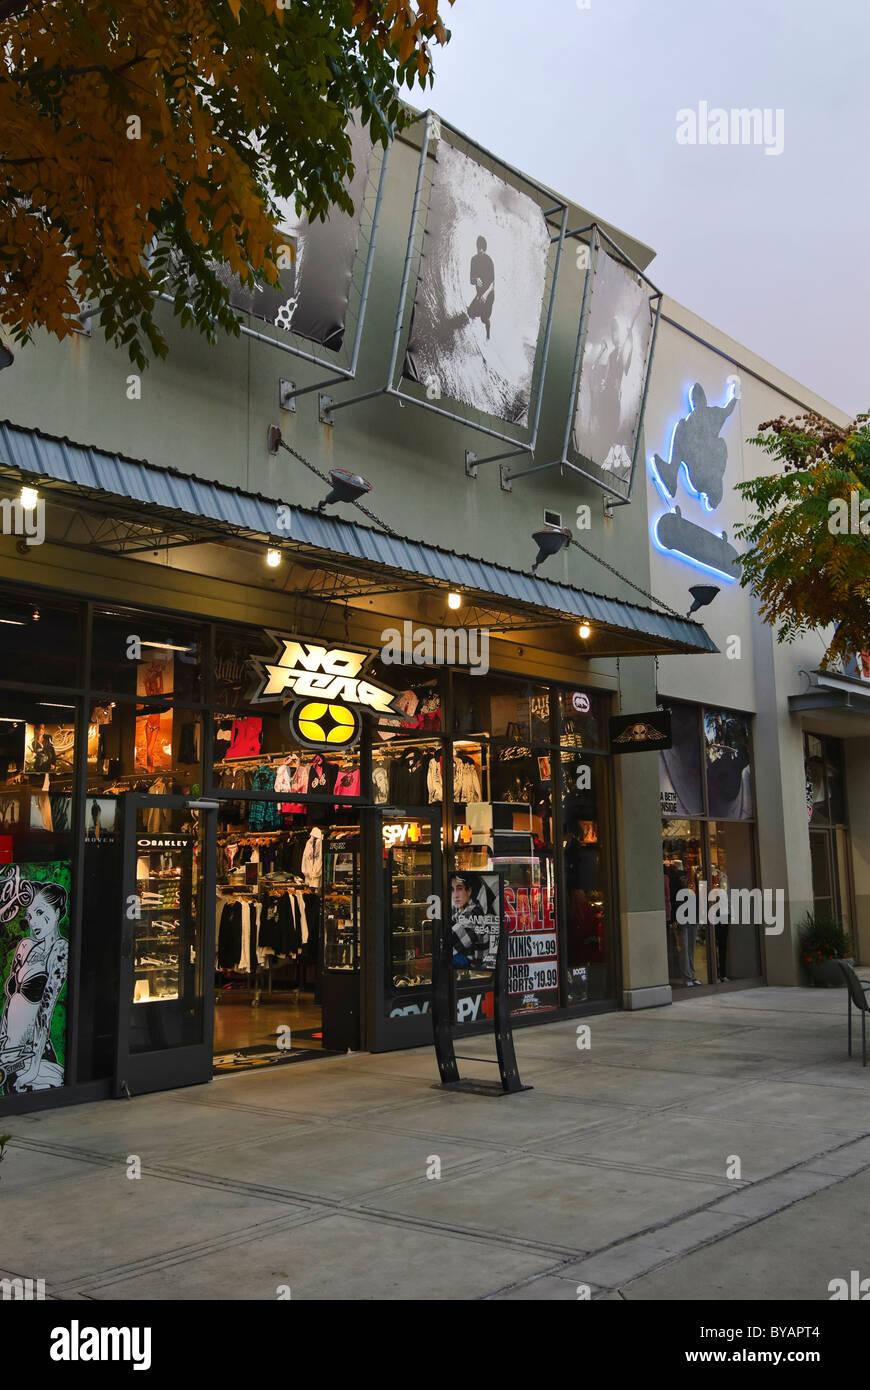 Vans skatepark and adjacent skate themed retail stores. - Stock Image